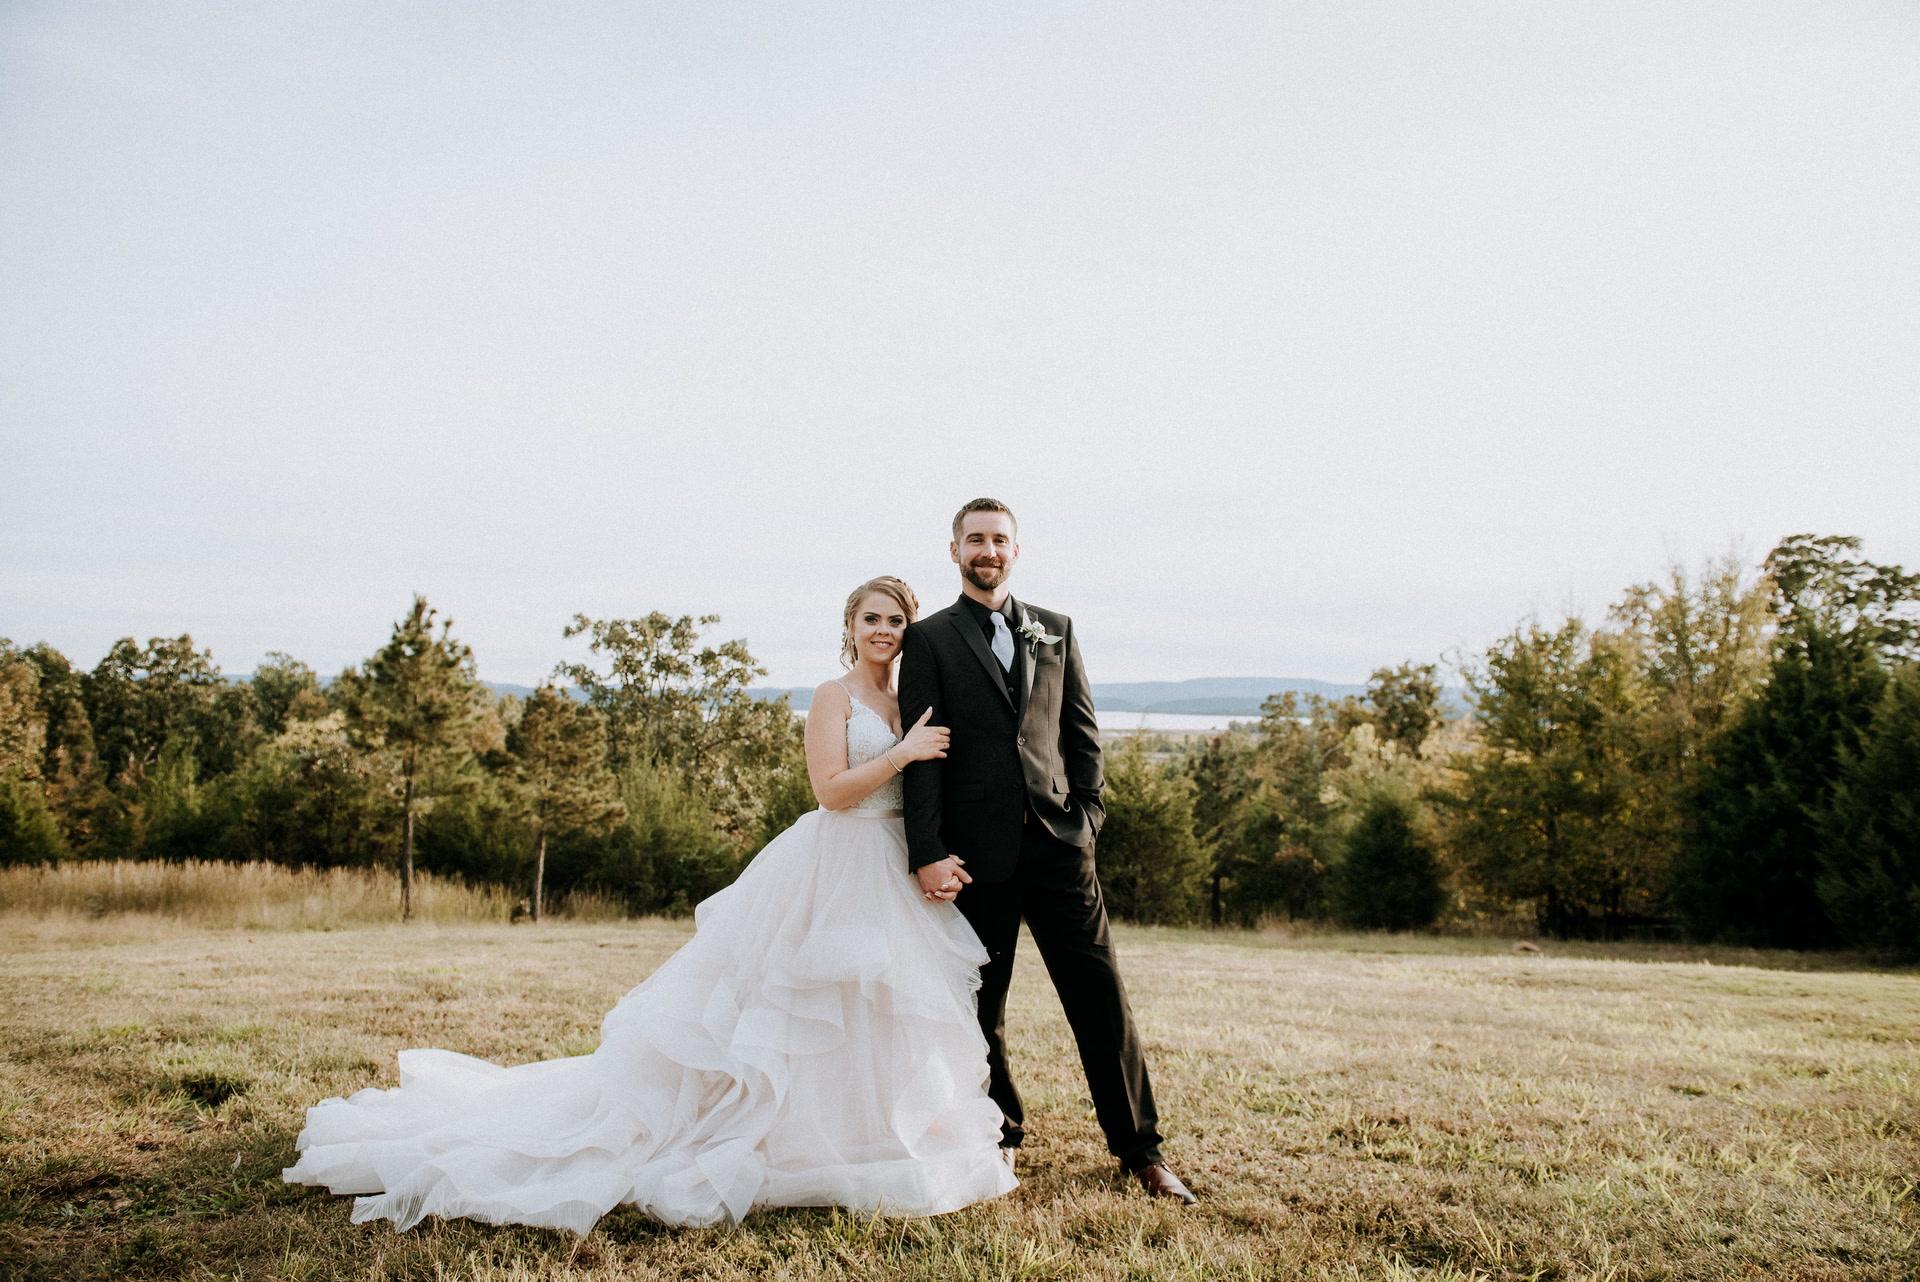 Miranda + David | Lamar, Arkansas | Cabin creek lookout